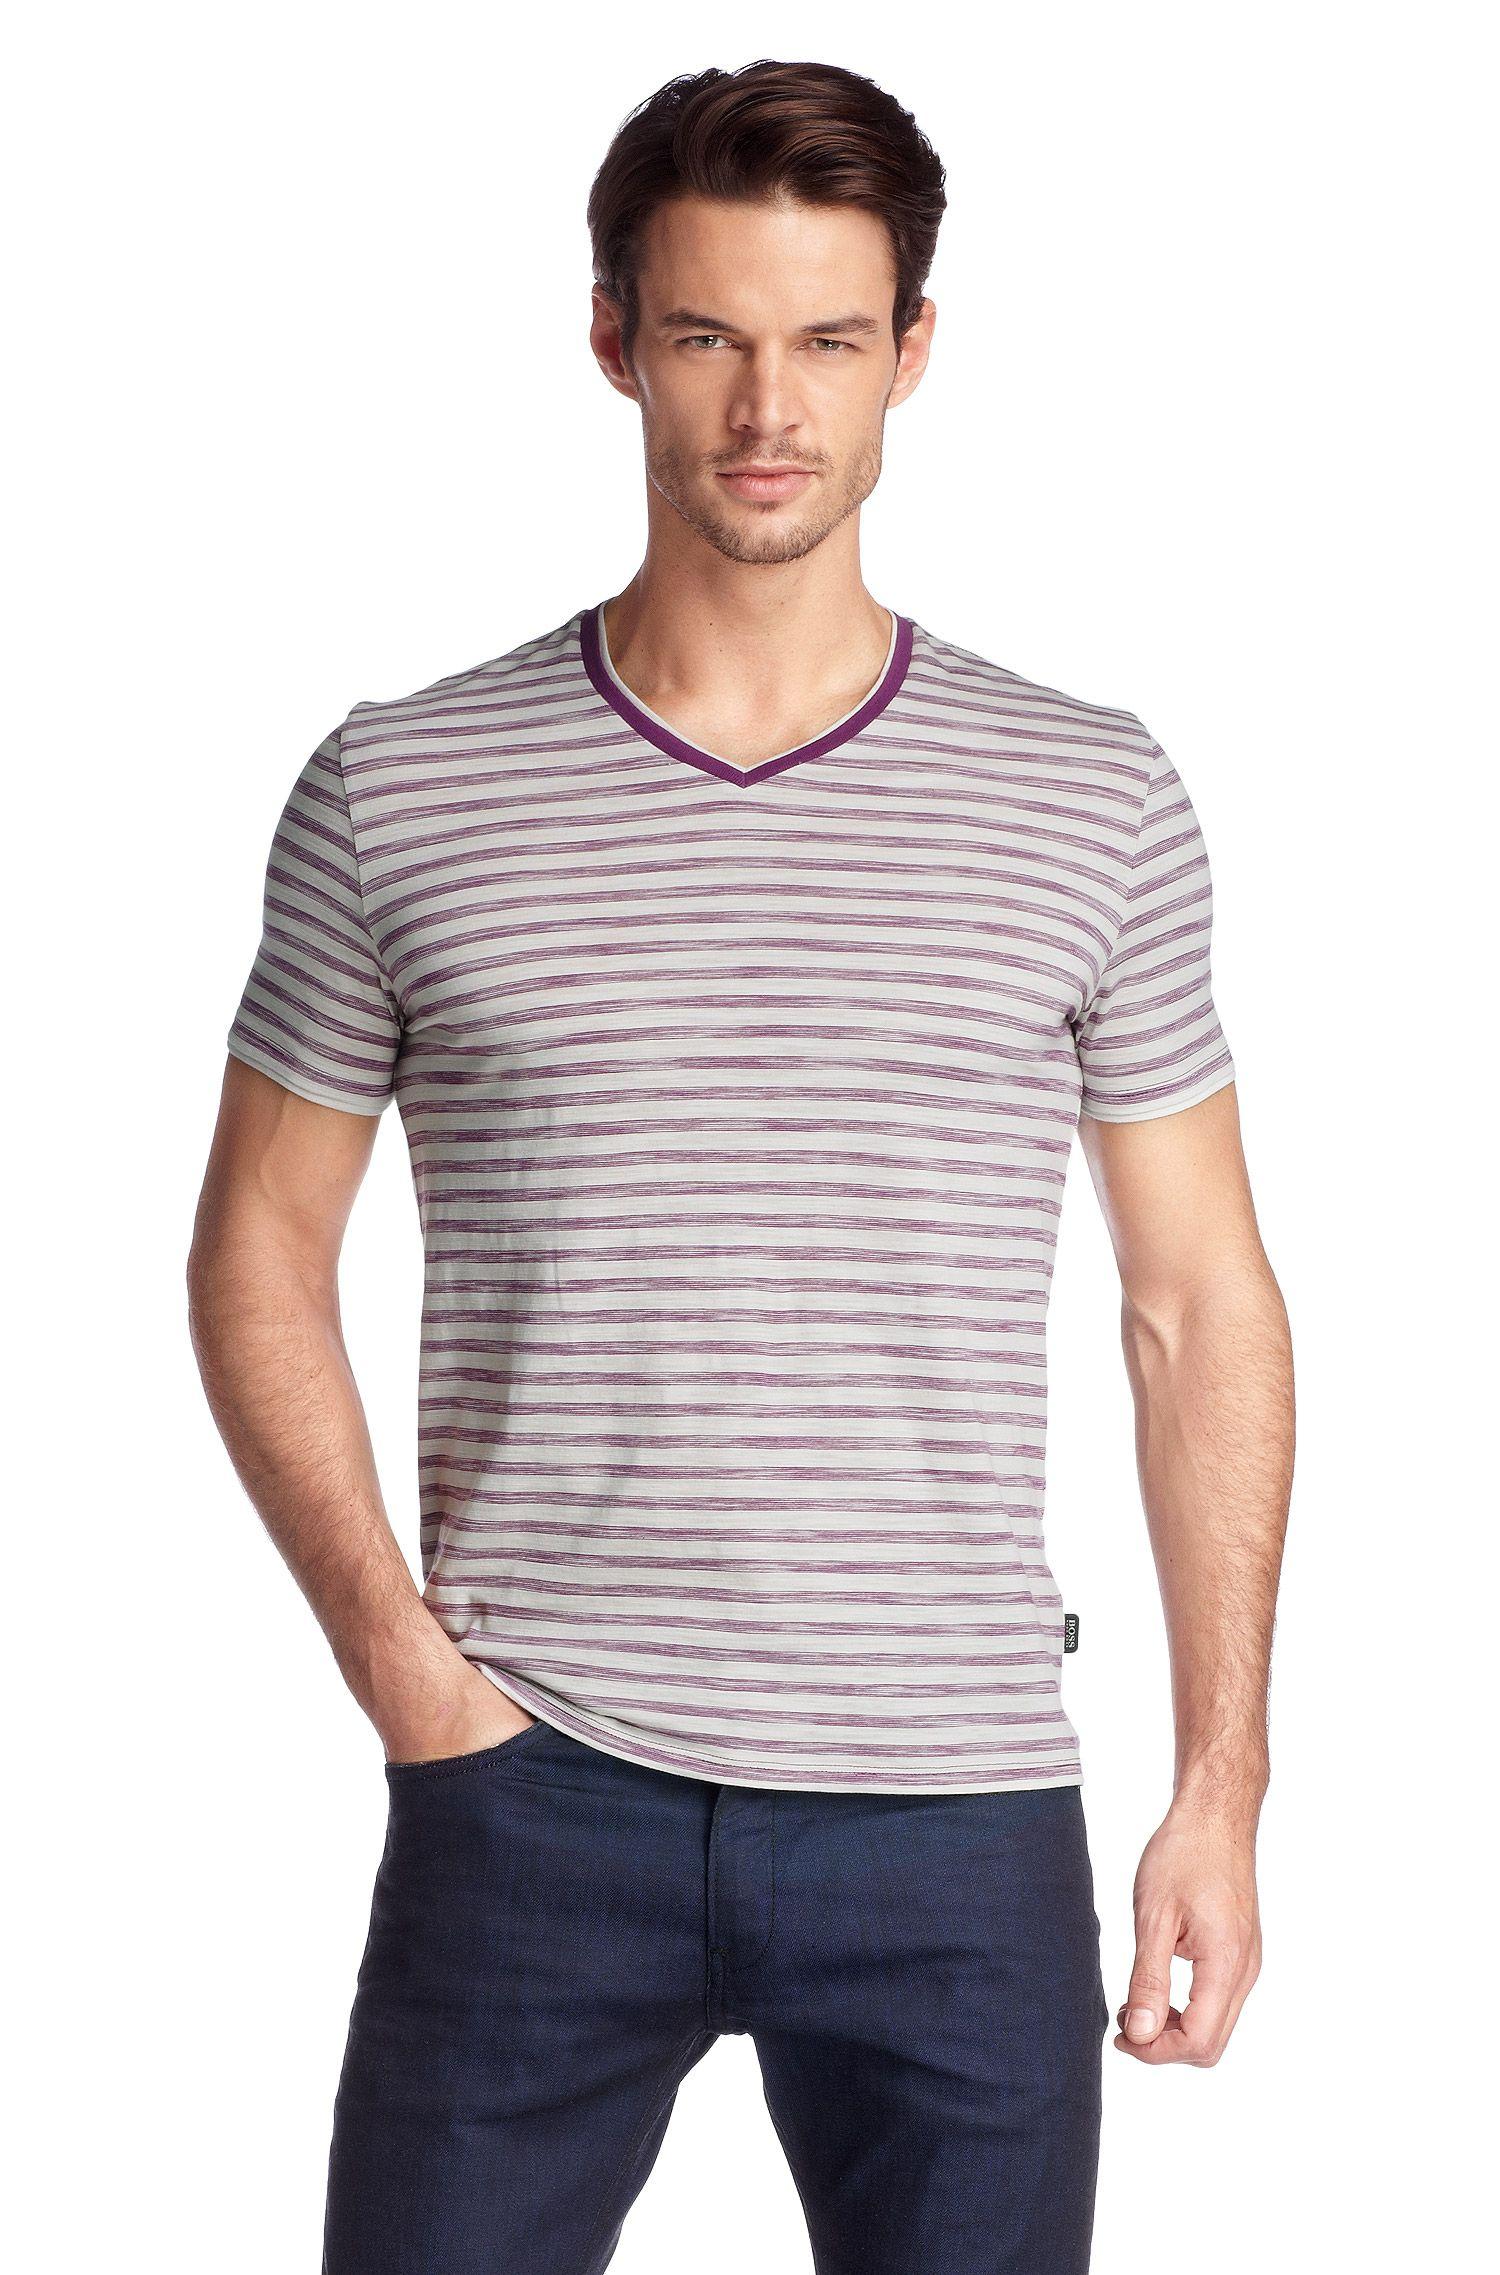 T-Shirt ´Eraldo 49` aus reiner Pima-Baumwolle